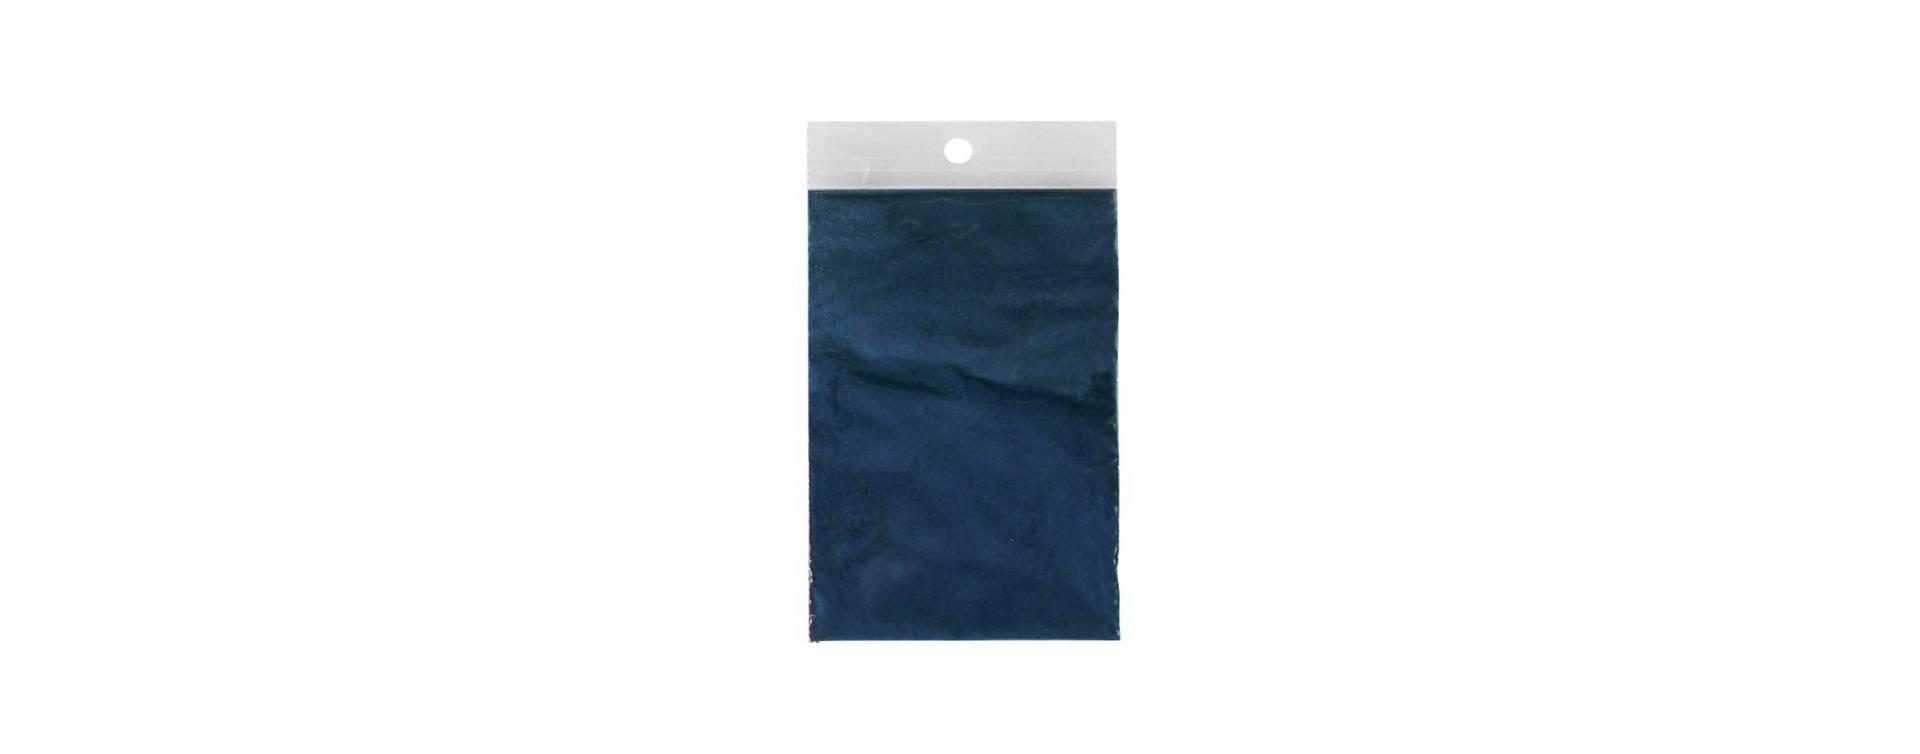 Práškové vodou ředitelné barvivo